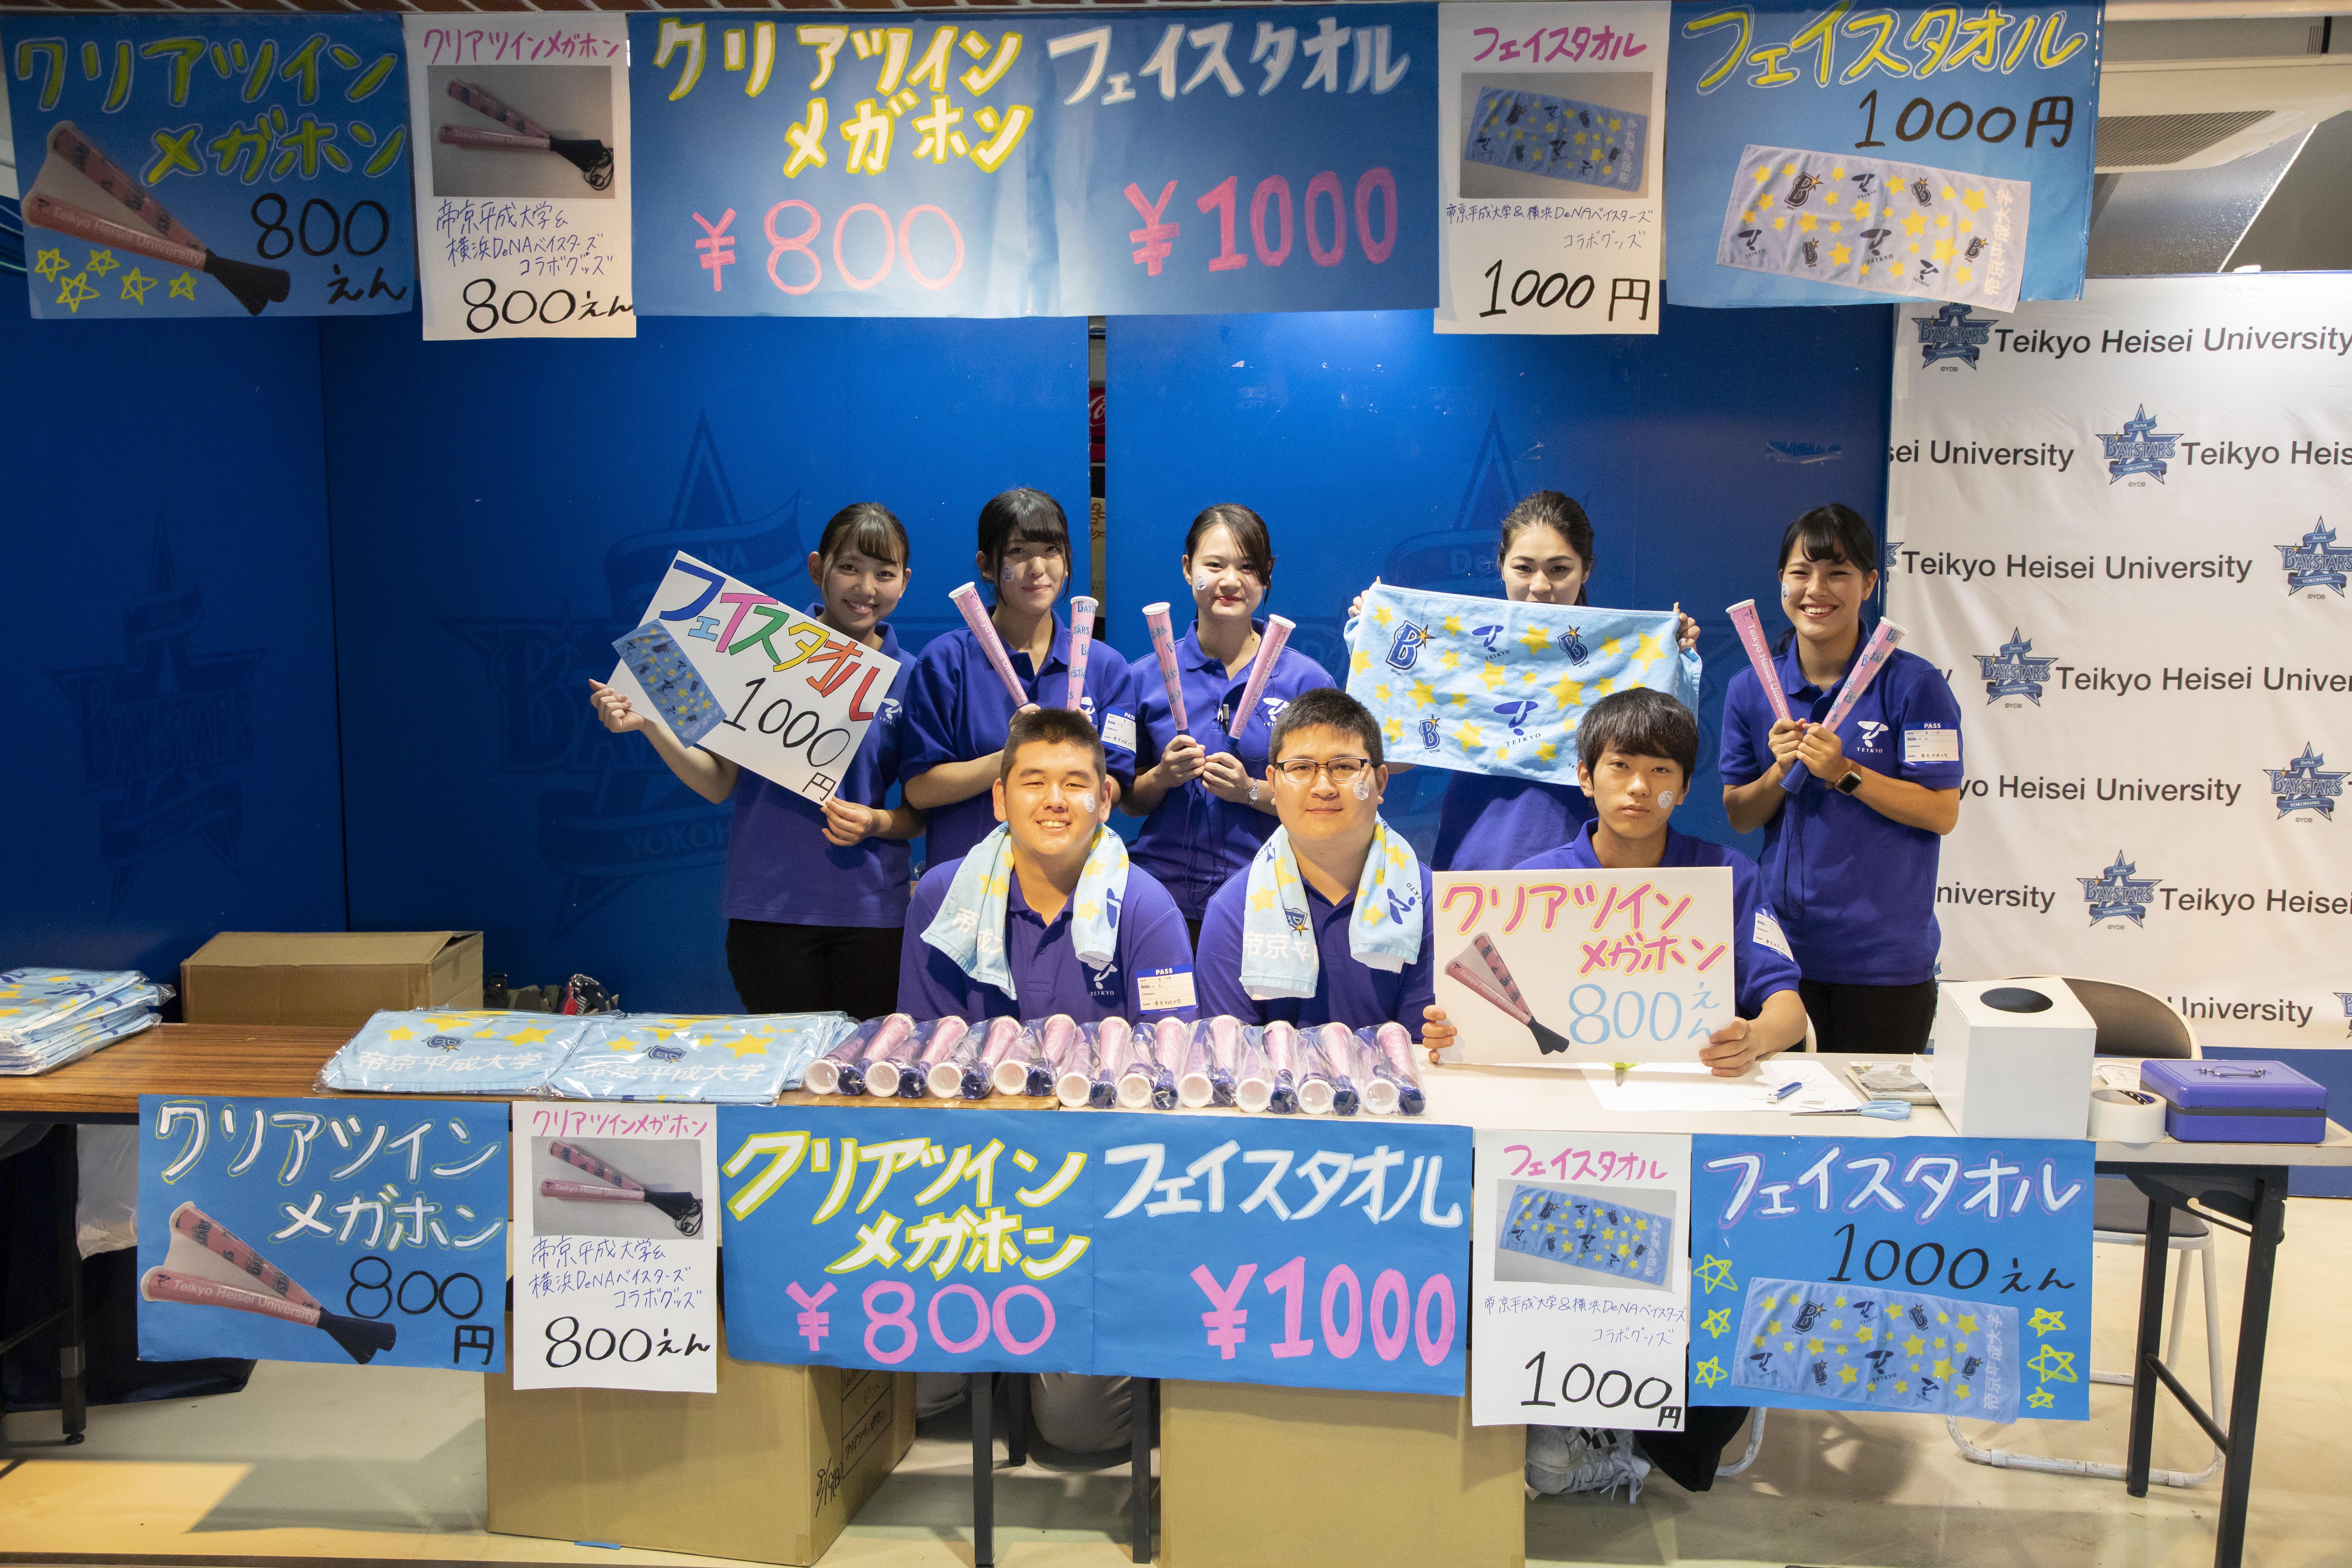 横浜DeNAベイスターズが主催するプロ野球公式戦で「帝京平成大学デー」を開催!! -- 帝京平成大学